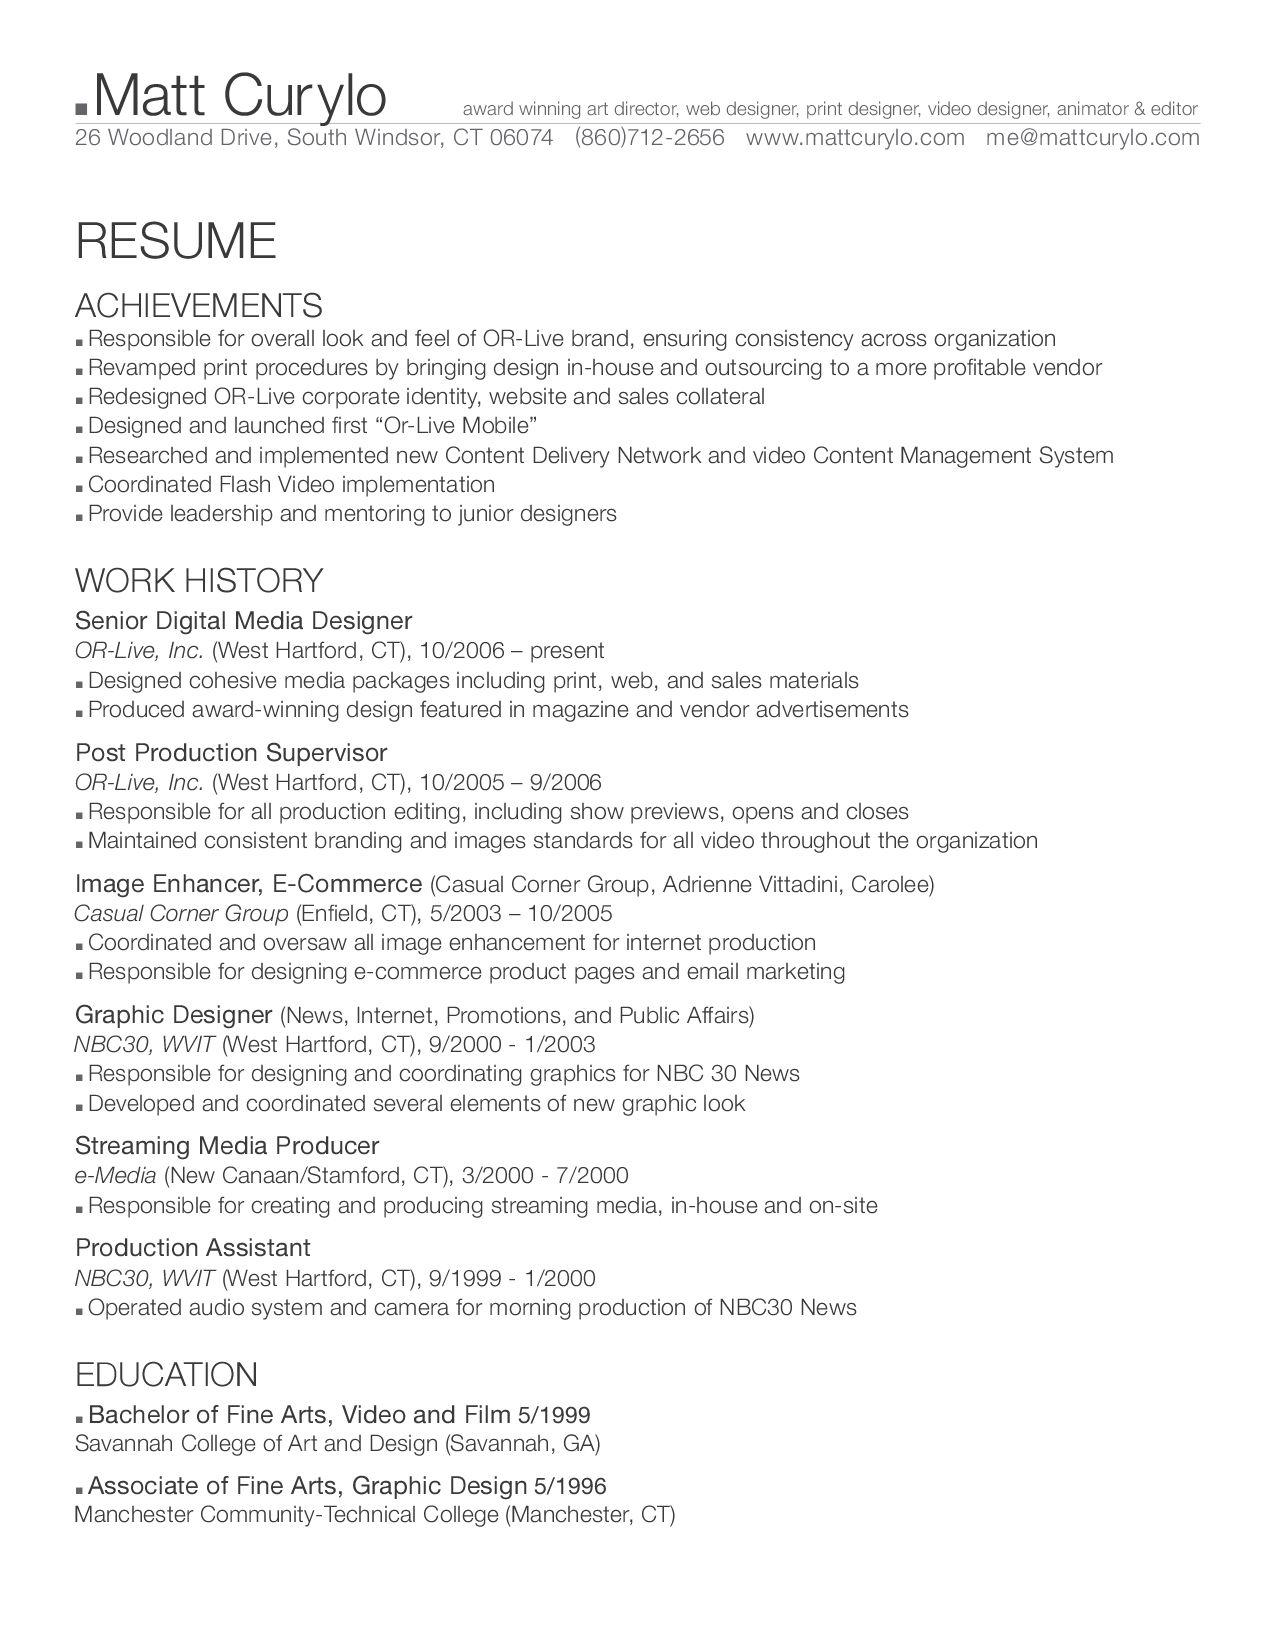 Matt Curylo Resume by matt Curylo - issuu